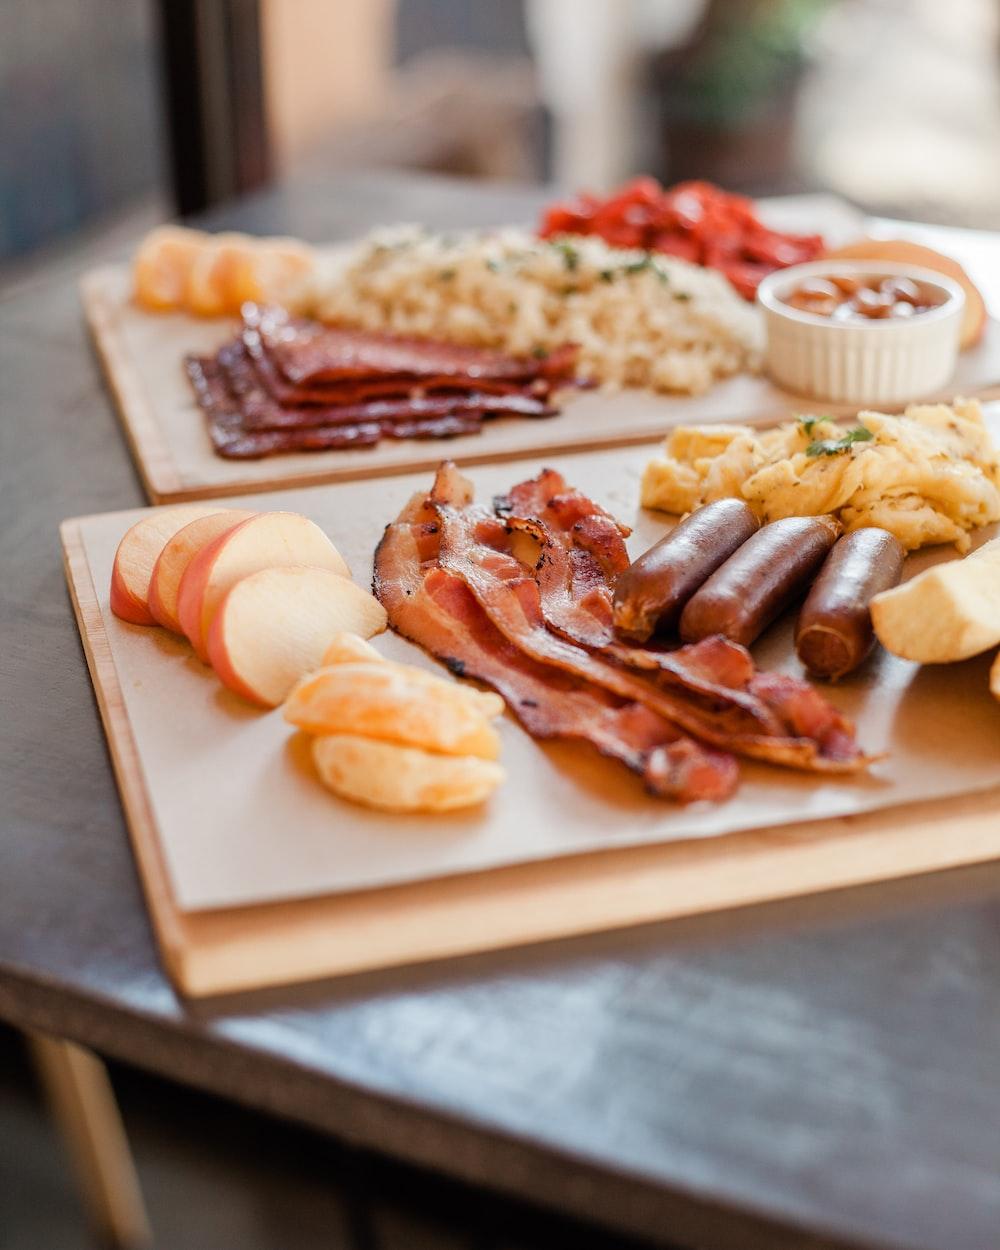 slabs of foods